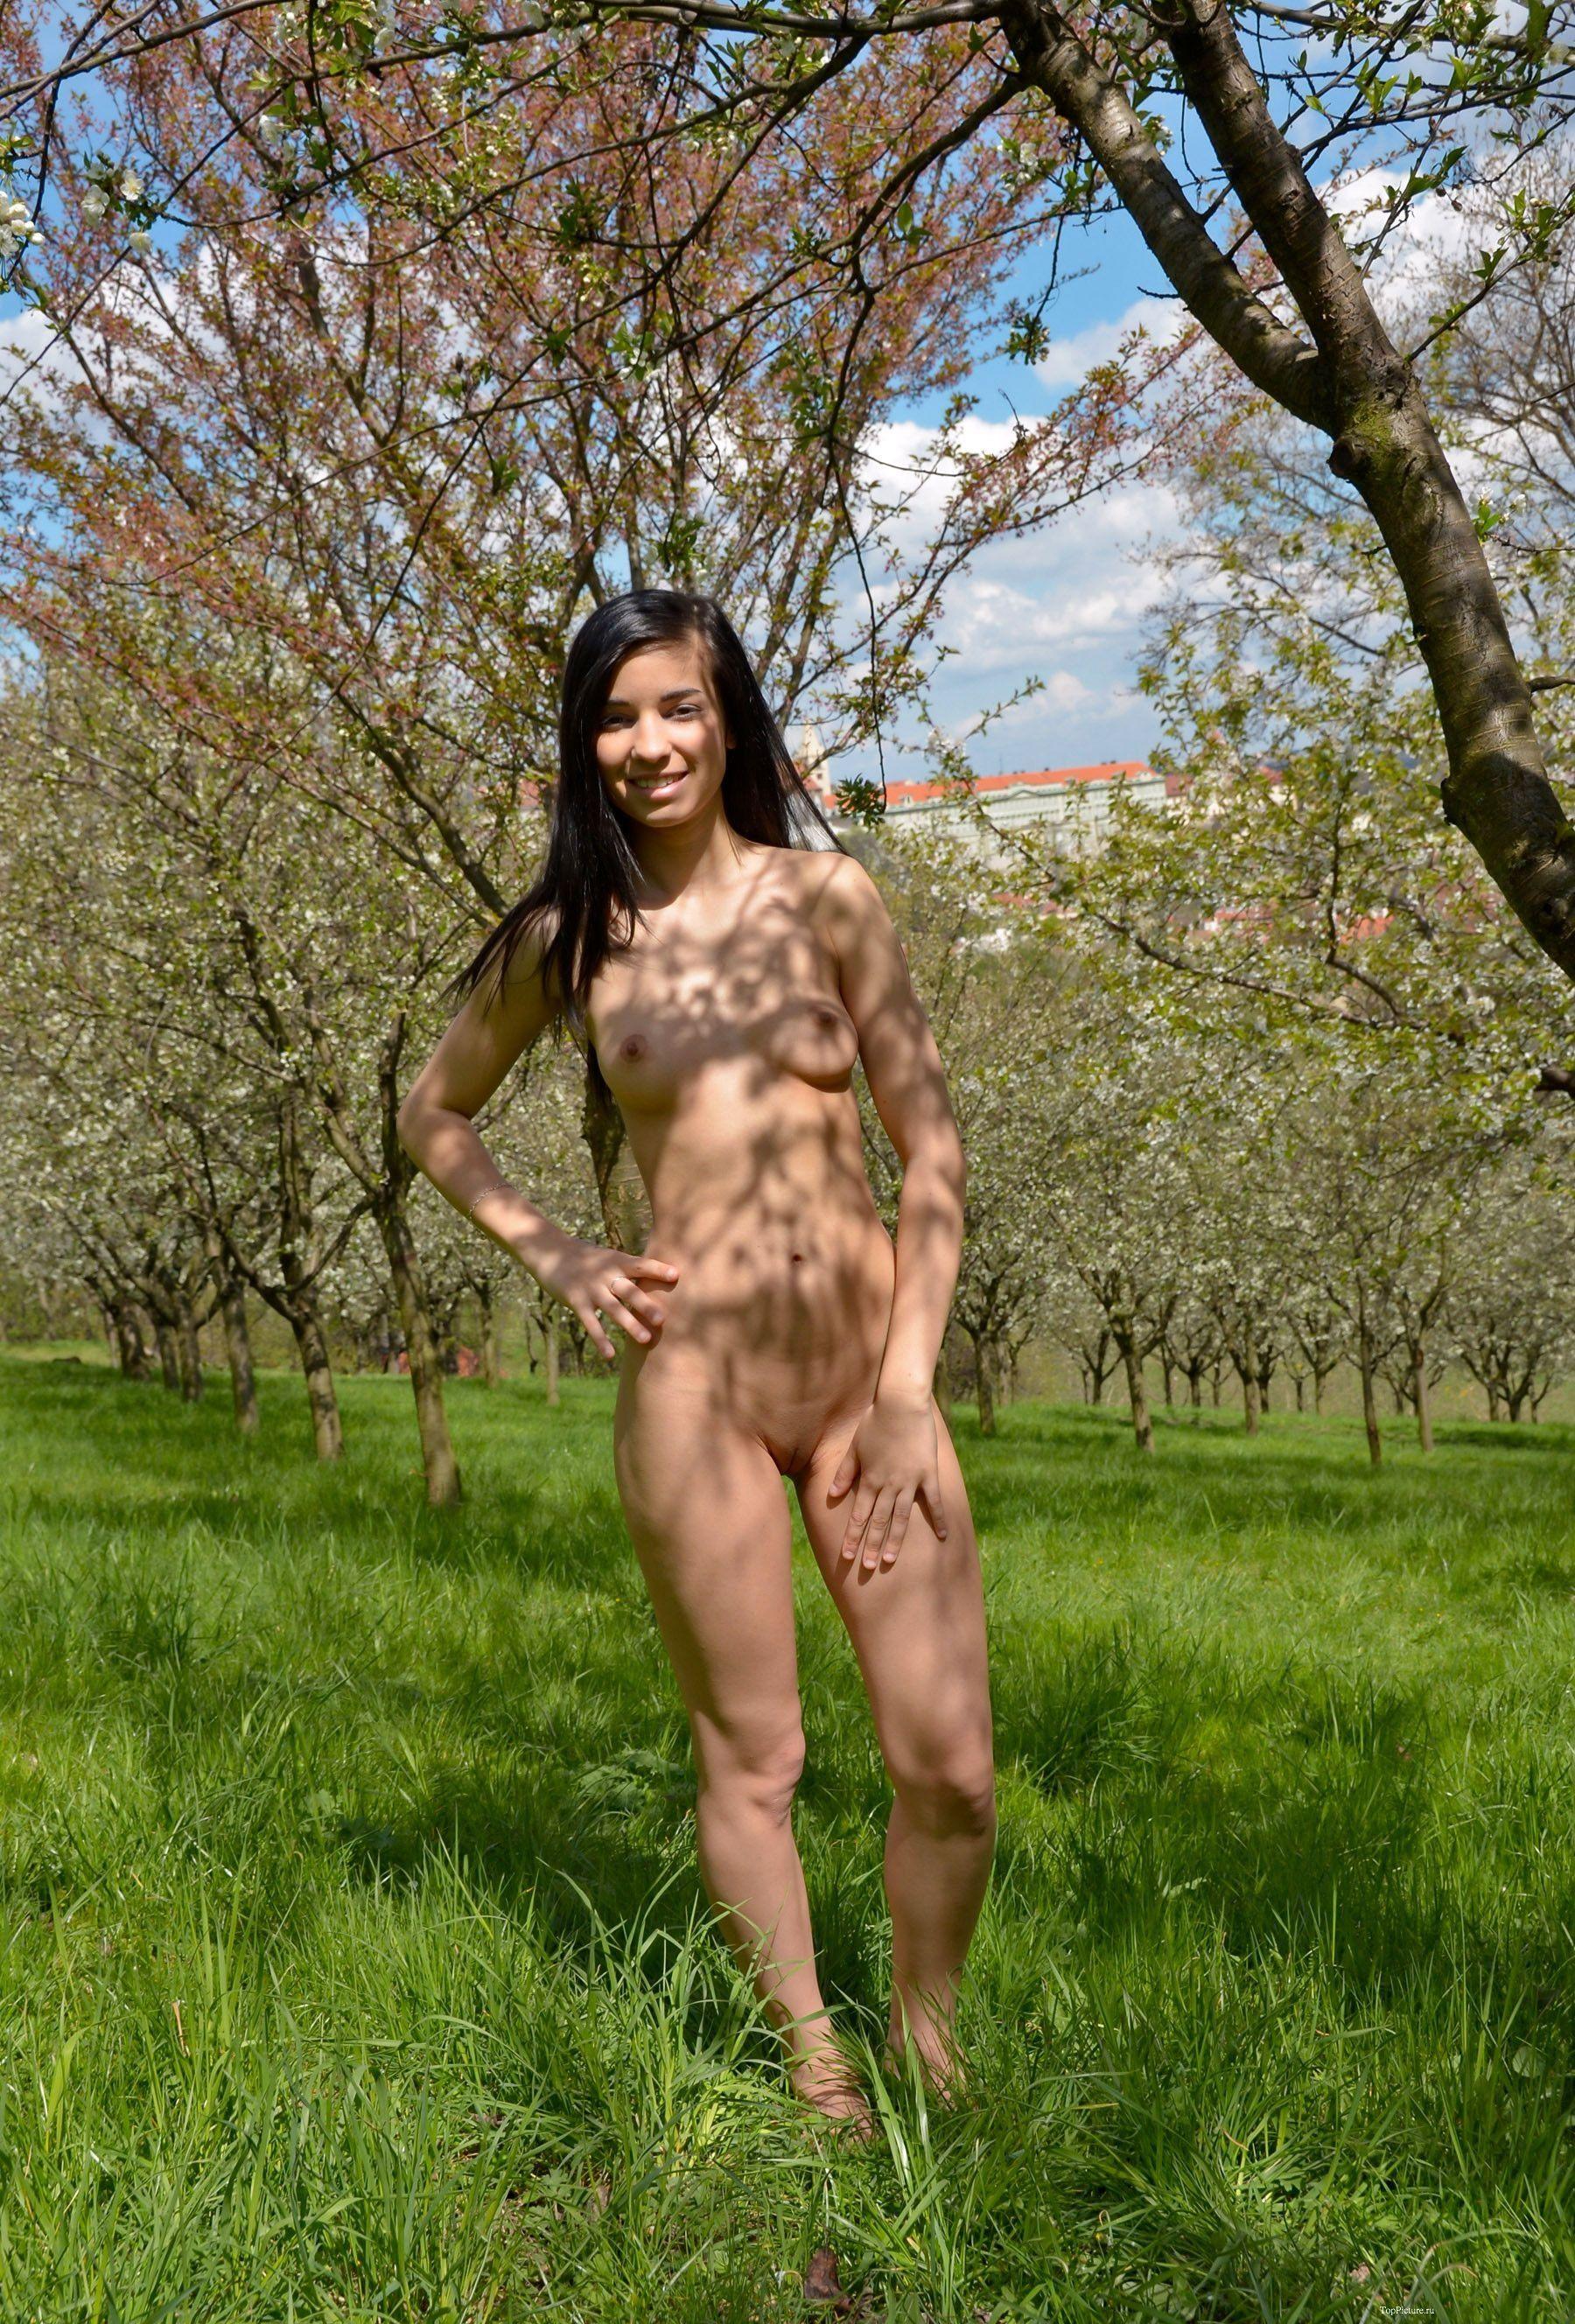 Брюнетка голышом позирует в саду где ходят люди